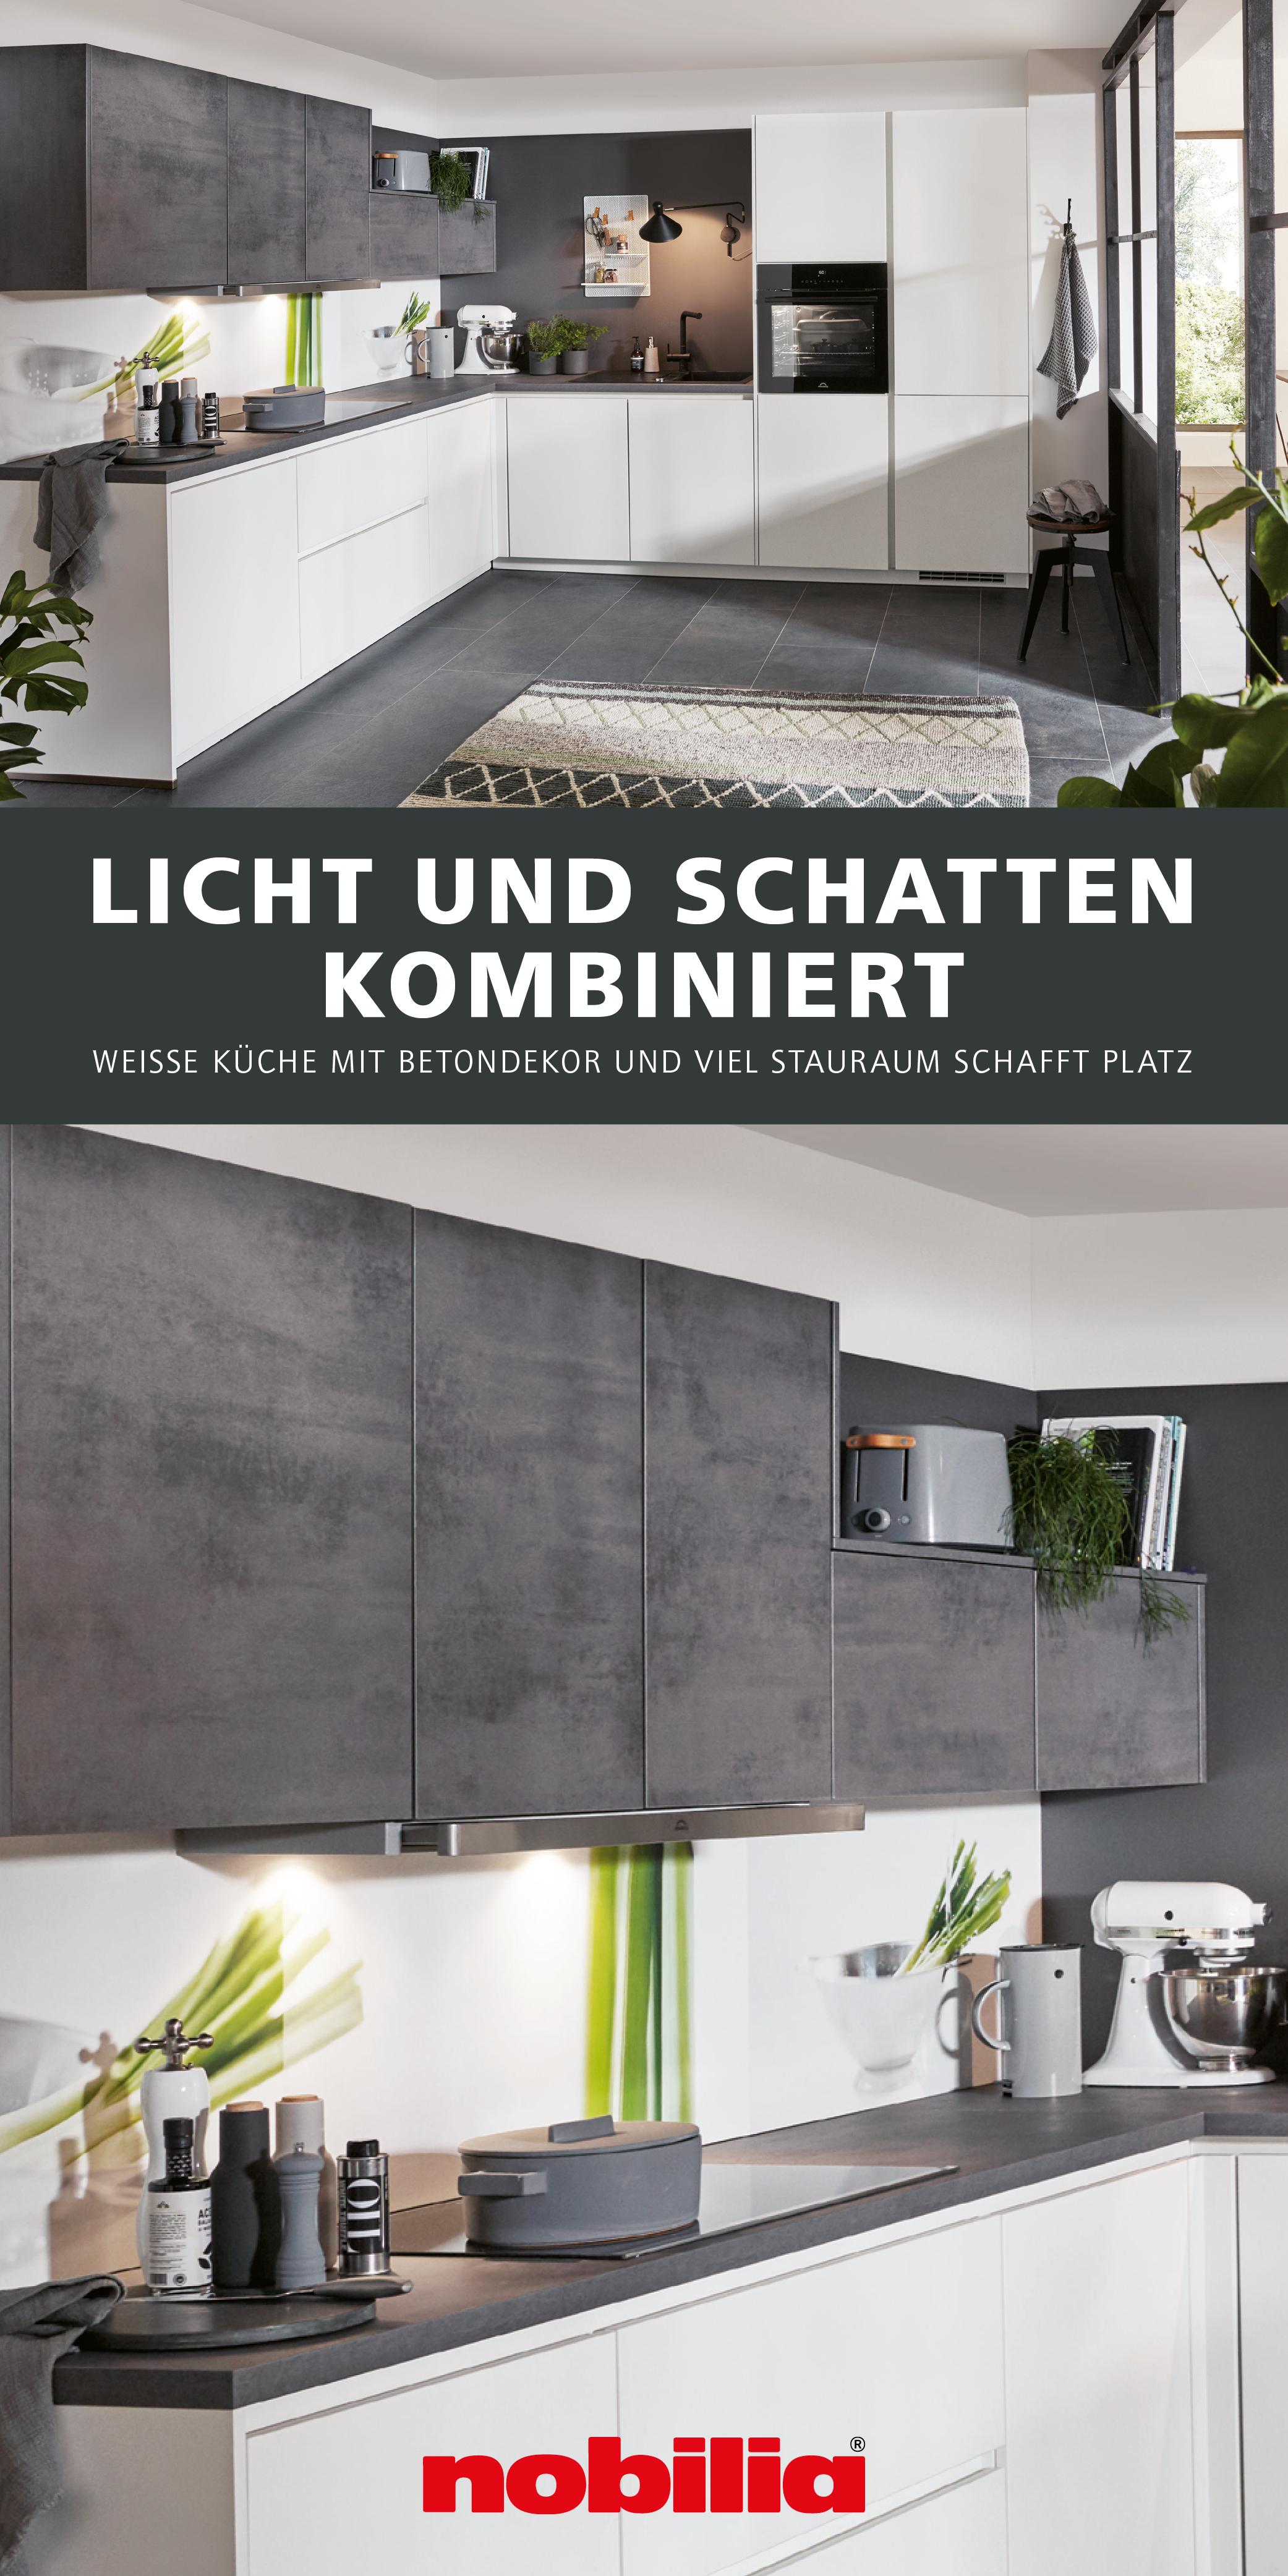 Helle Kuchenzeile Mit Betondekor In 2020 L Formige Kuche Kuche Weiss Matt Kuche